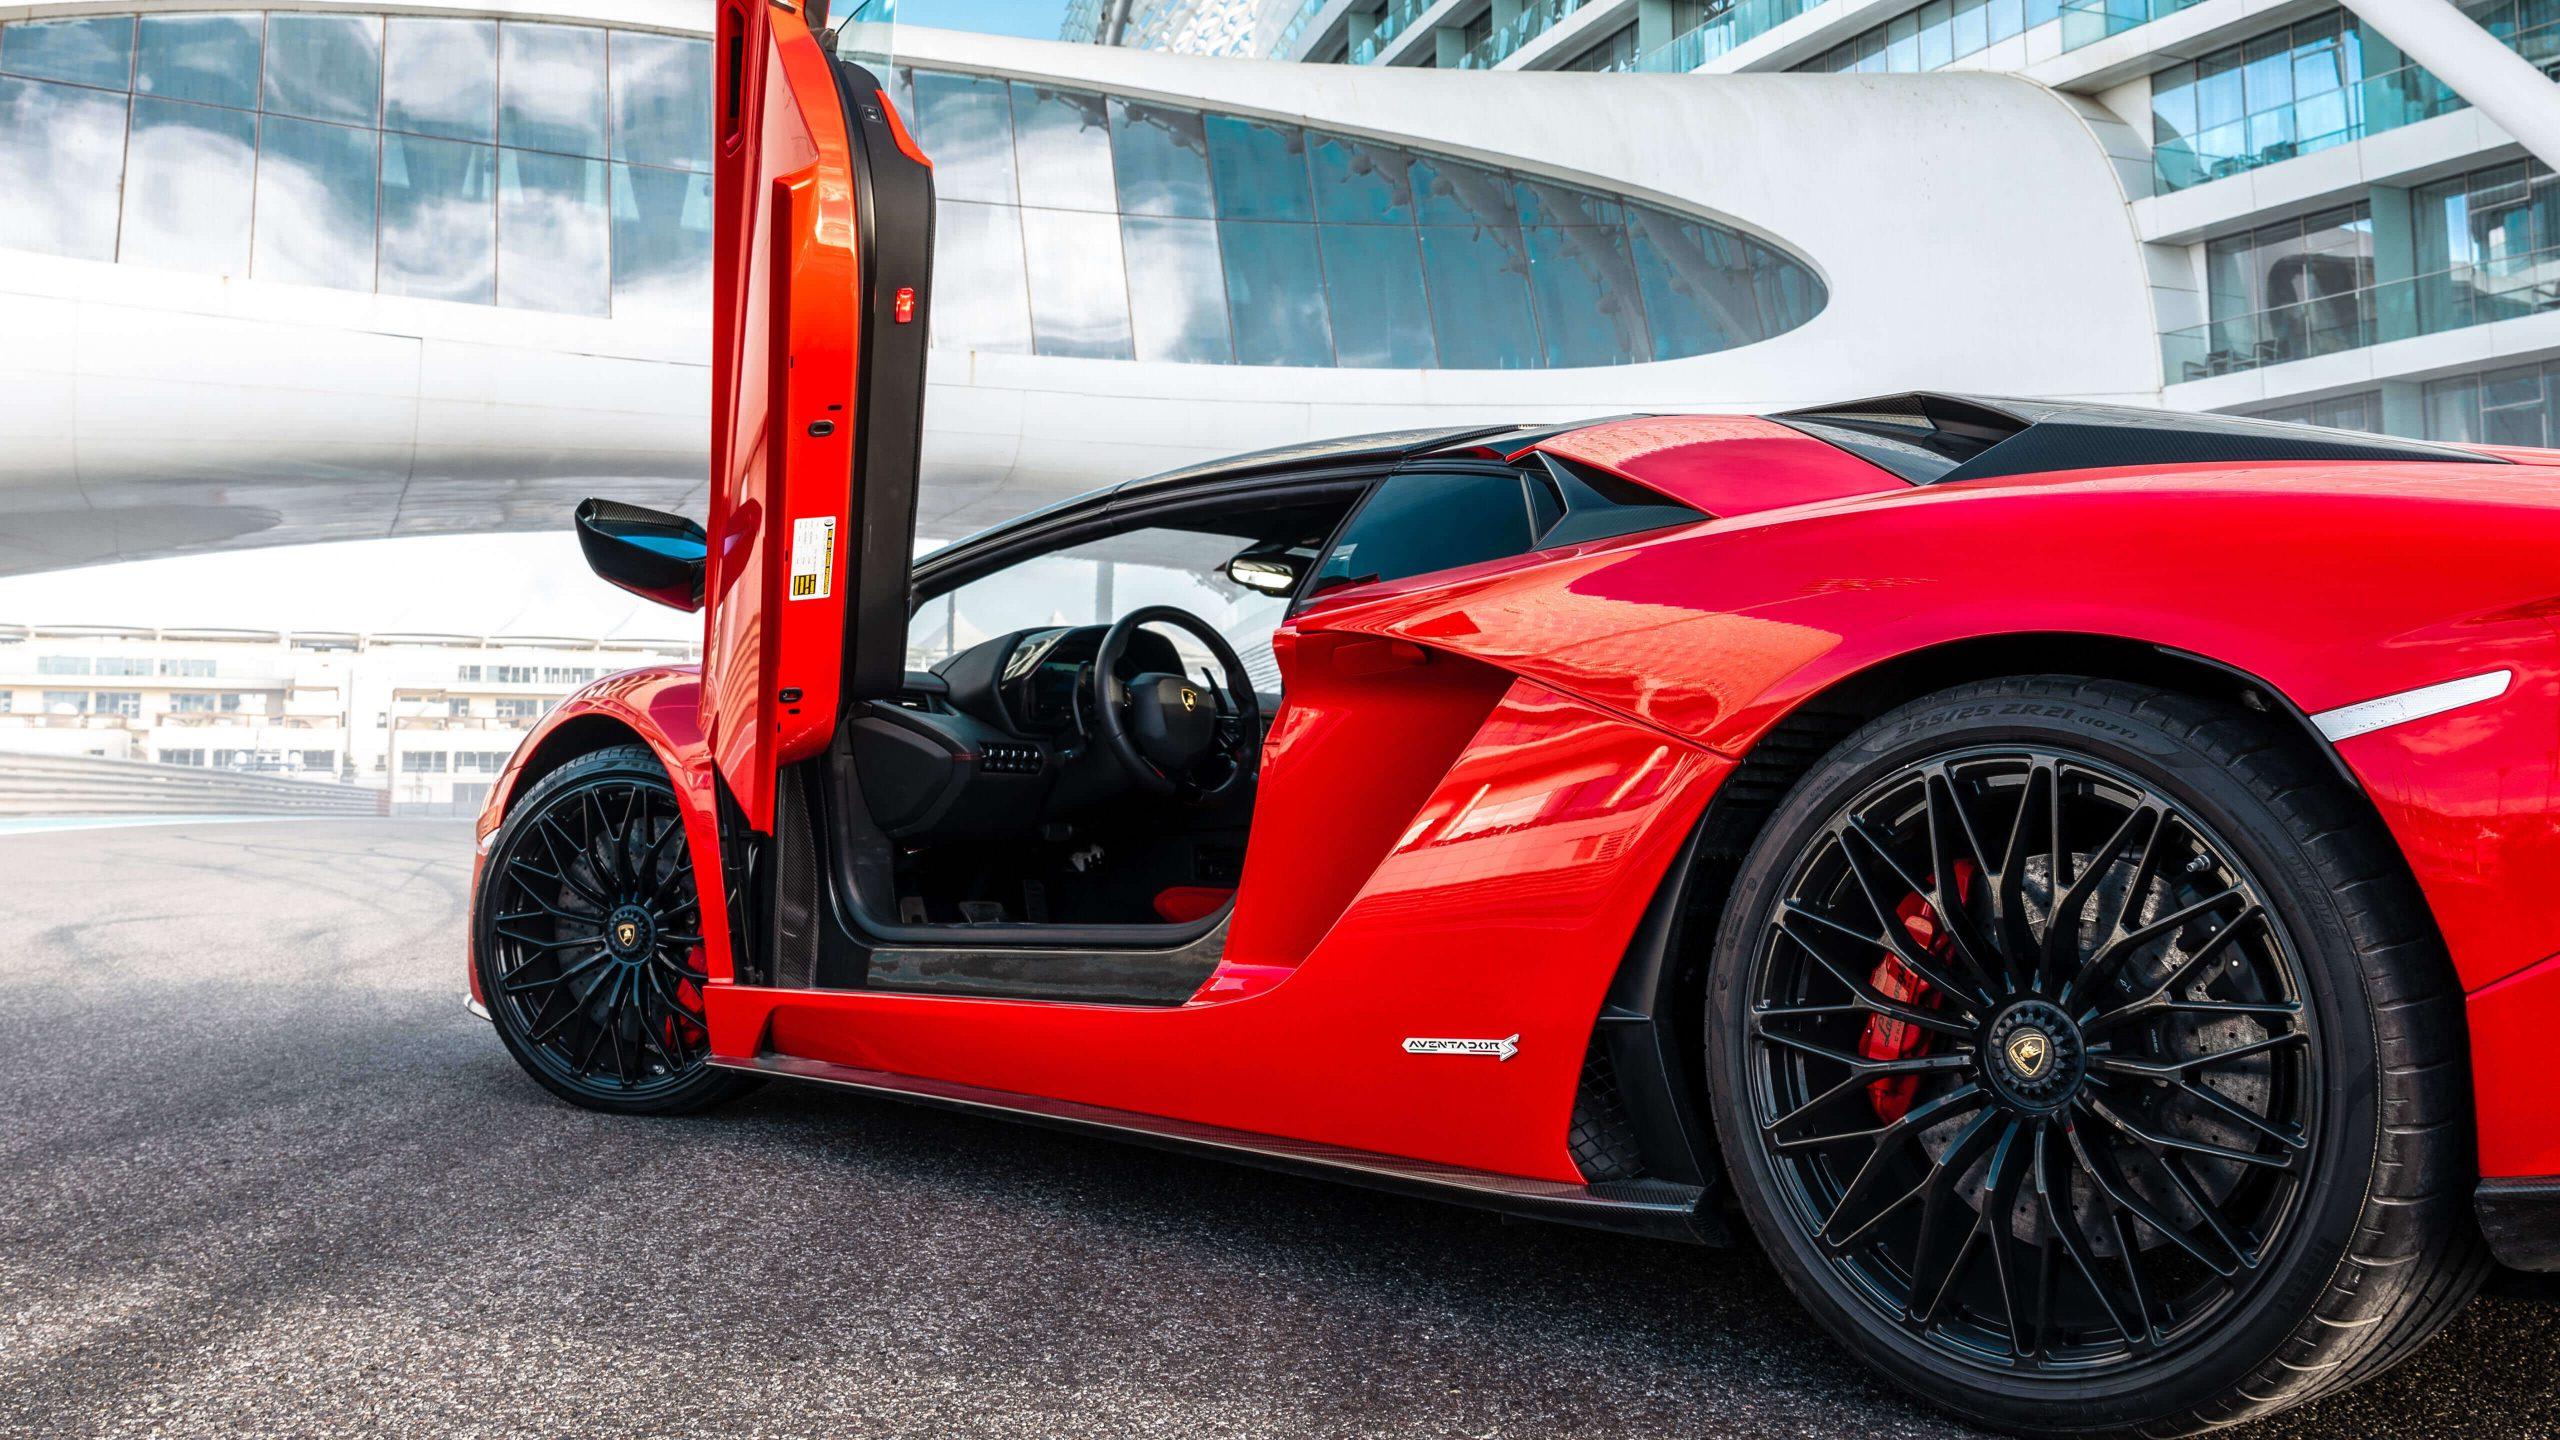 Lamborghini Aventador S hire